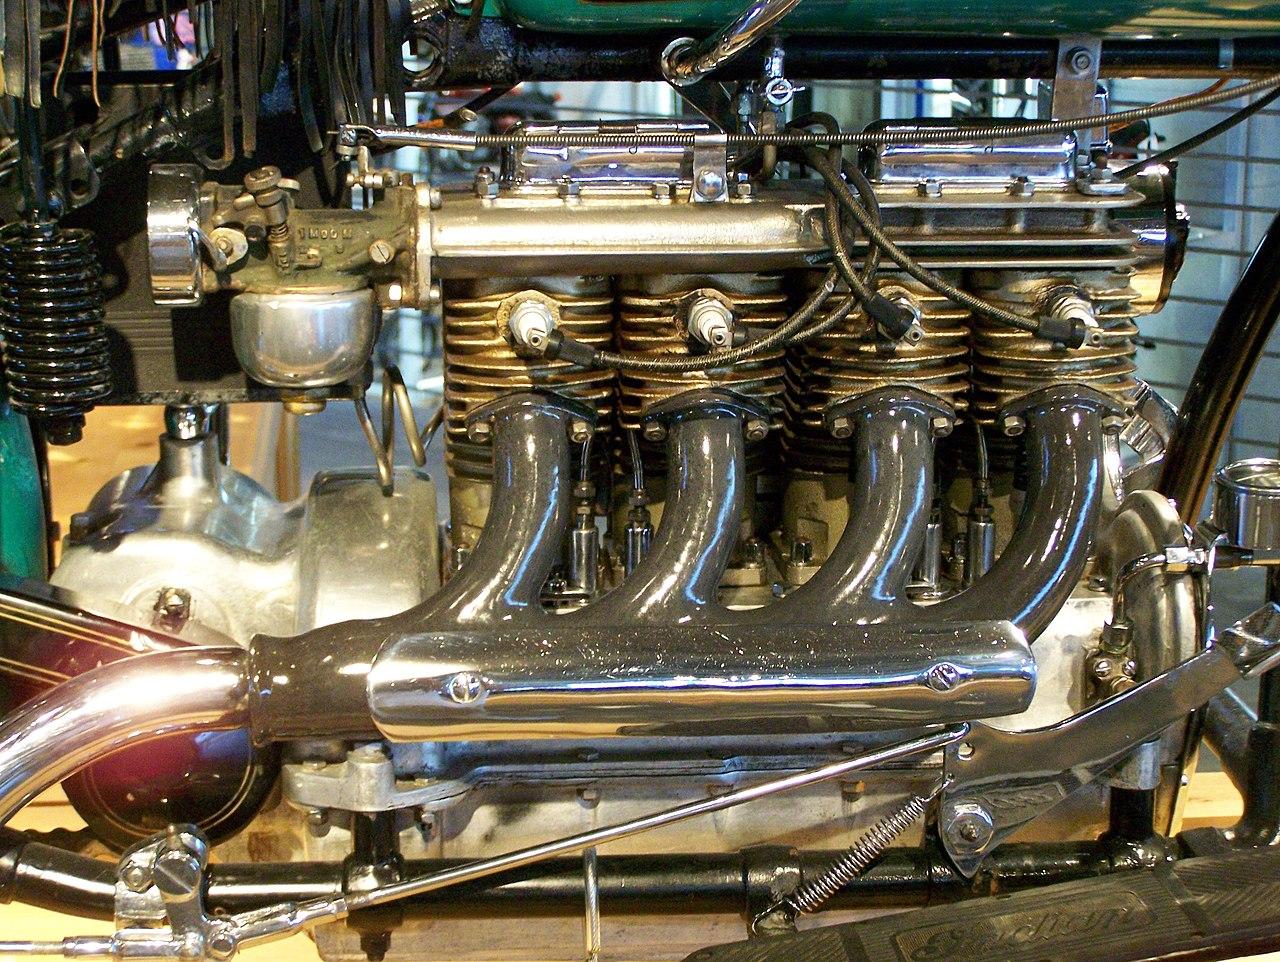 Barber Vintage Motorsports : File:Indian 4 engine at Barber Vintage Motorsports Museum.jpg ...